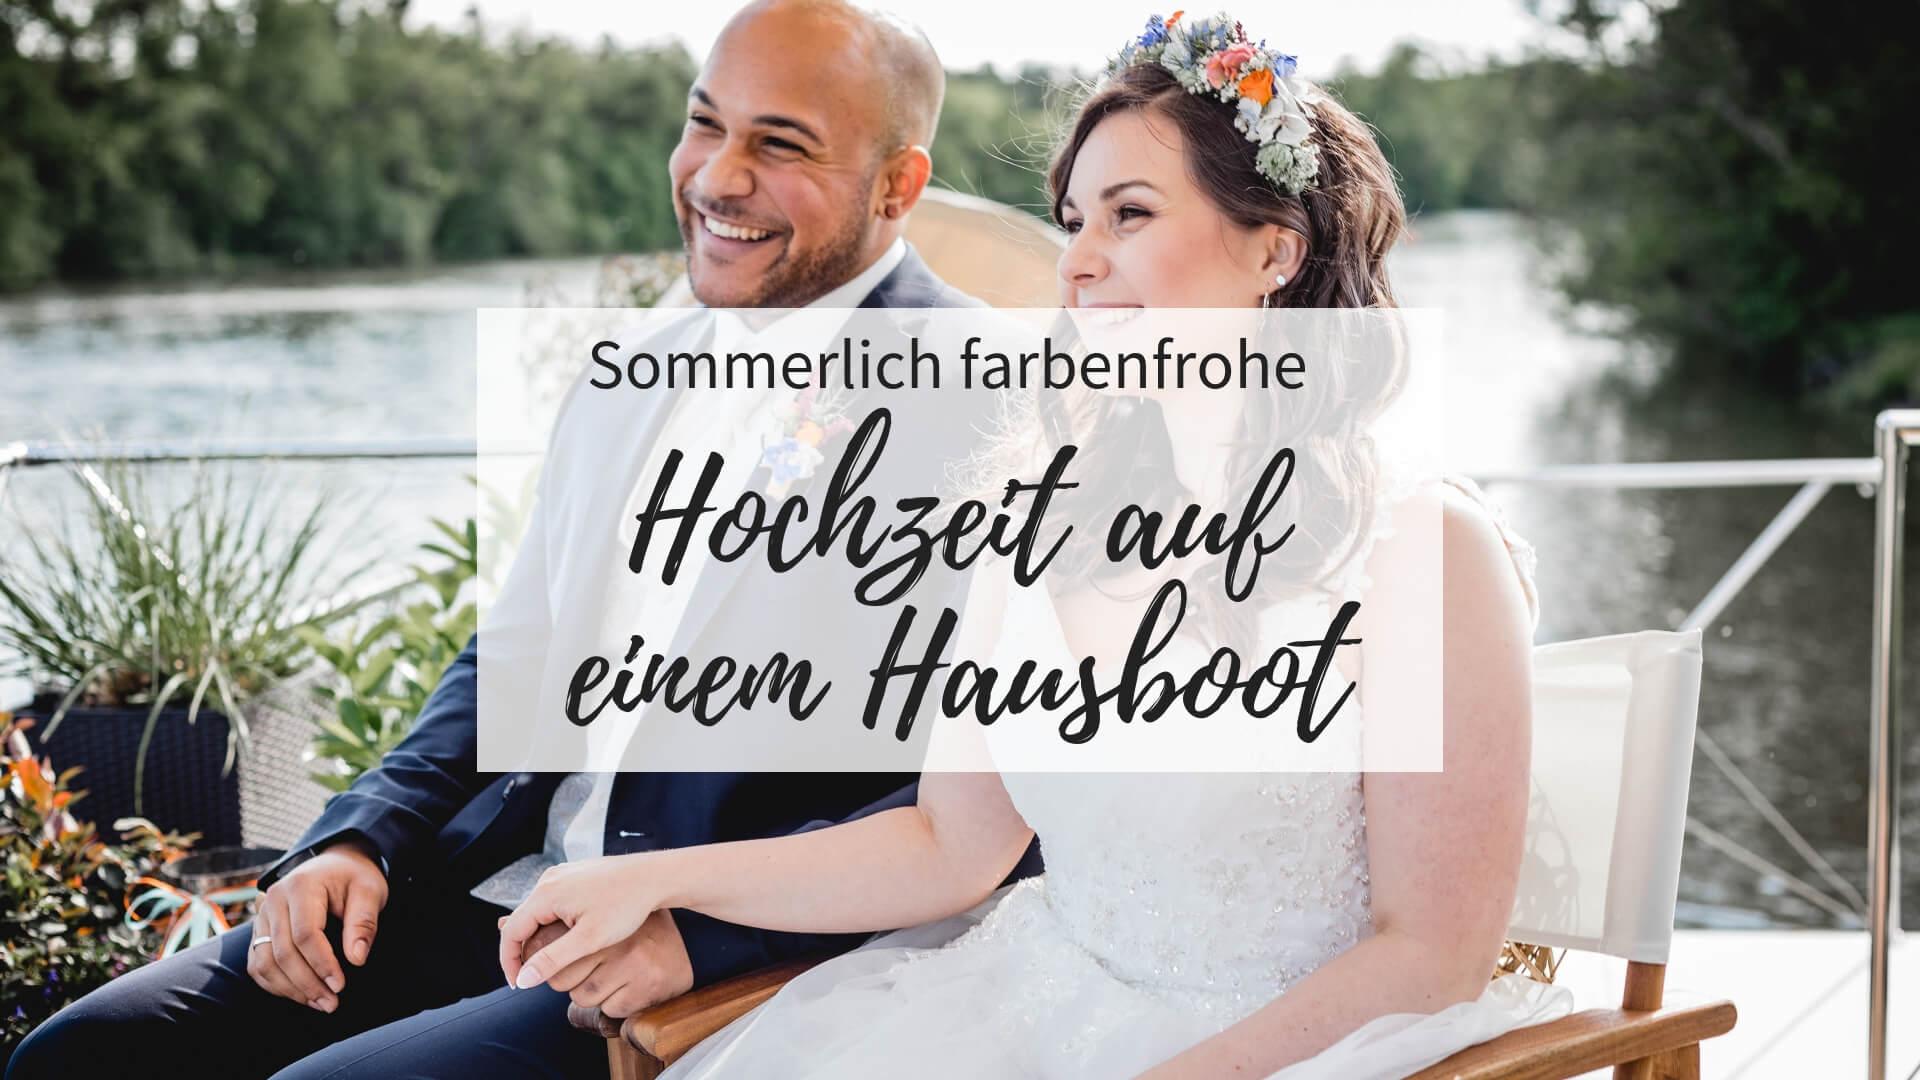 Hochzeit auf einem Hausboot, Sommerhochzeit farbenfroh